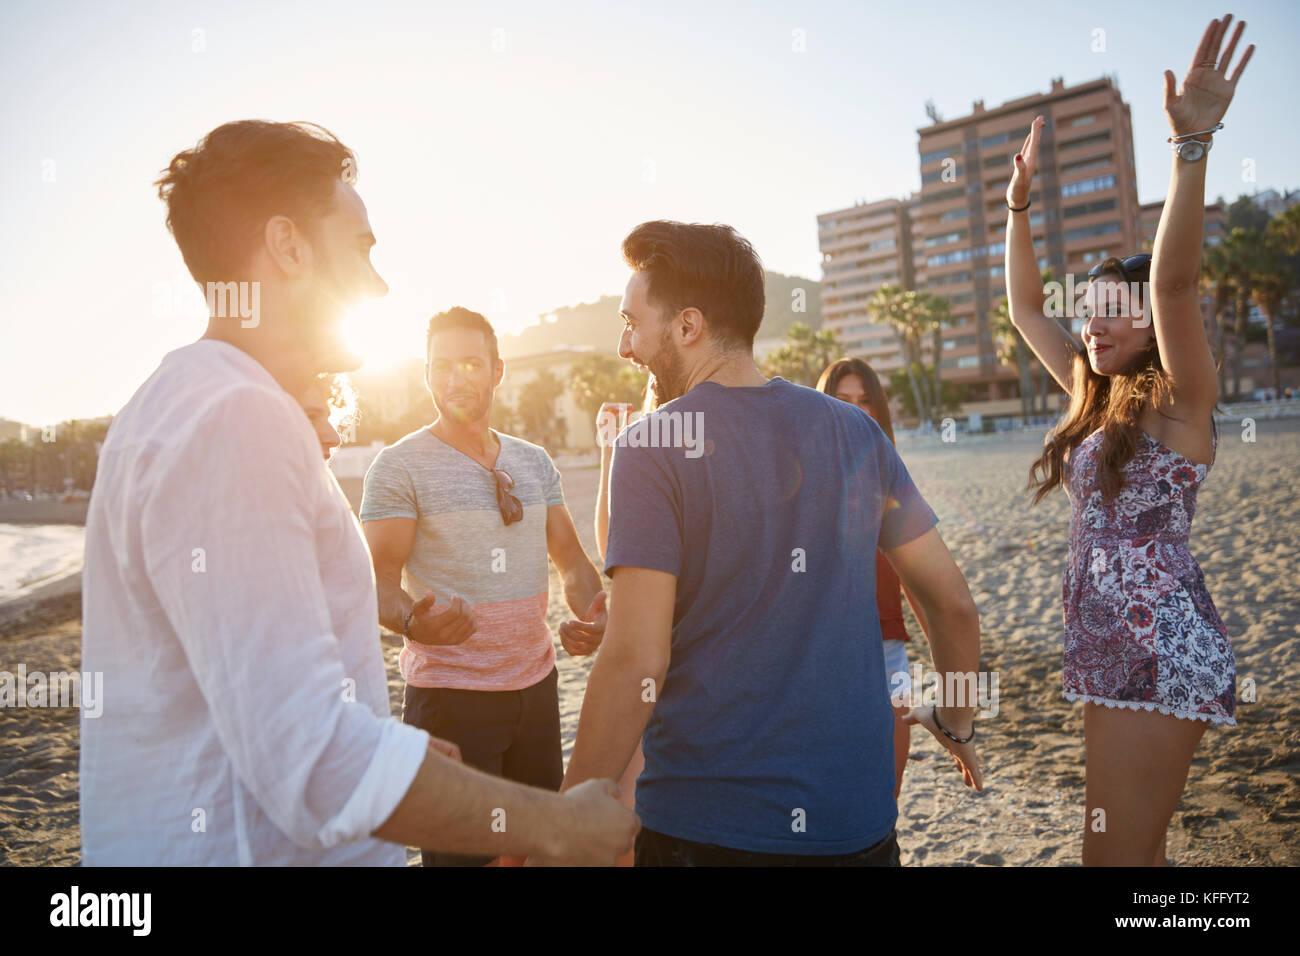 Porträt einer Gruppe von Menschen glücklich Tanz am Strand Stockbild